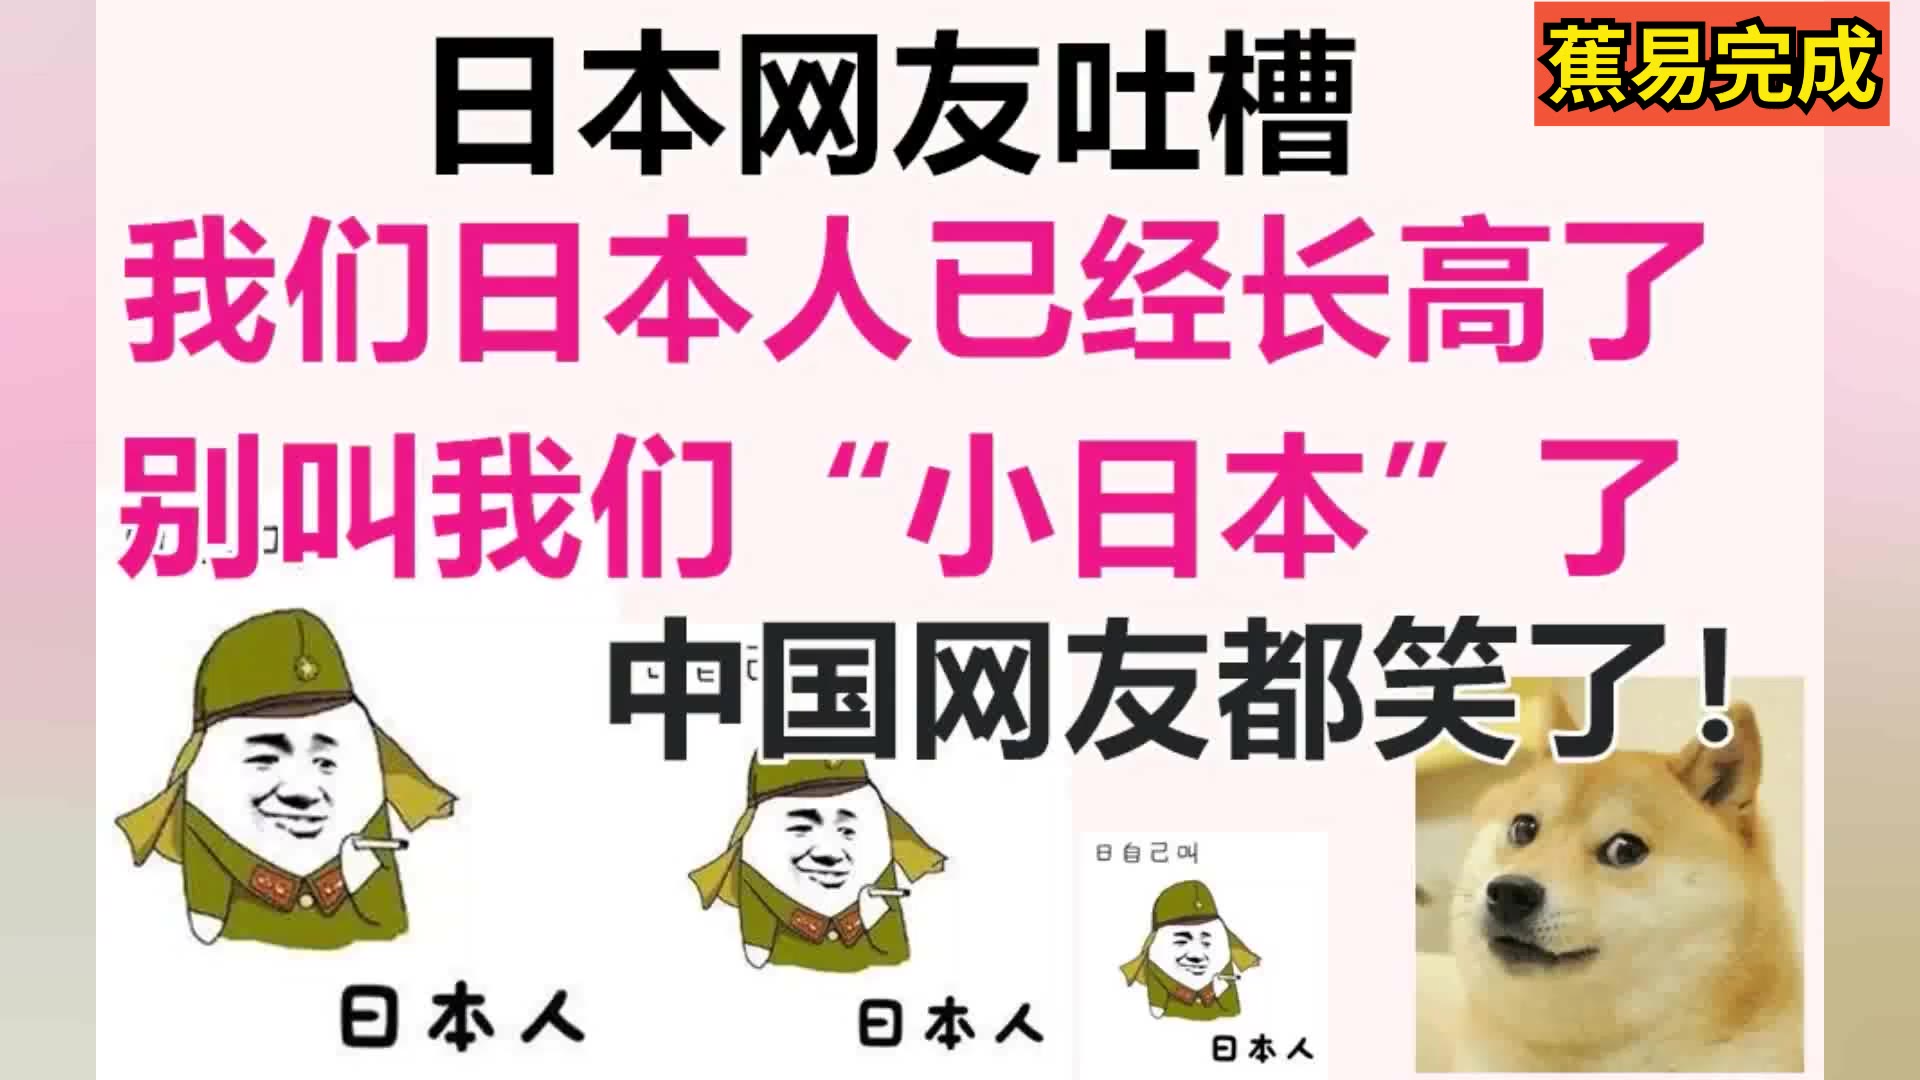 """日本网友评论:承认吧,我们日本人已经长高了,别叫我们""""小日本""""了!中国网友都笑"""